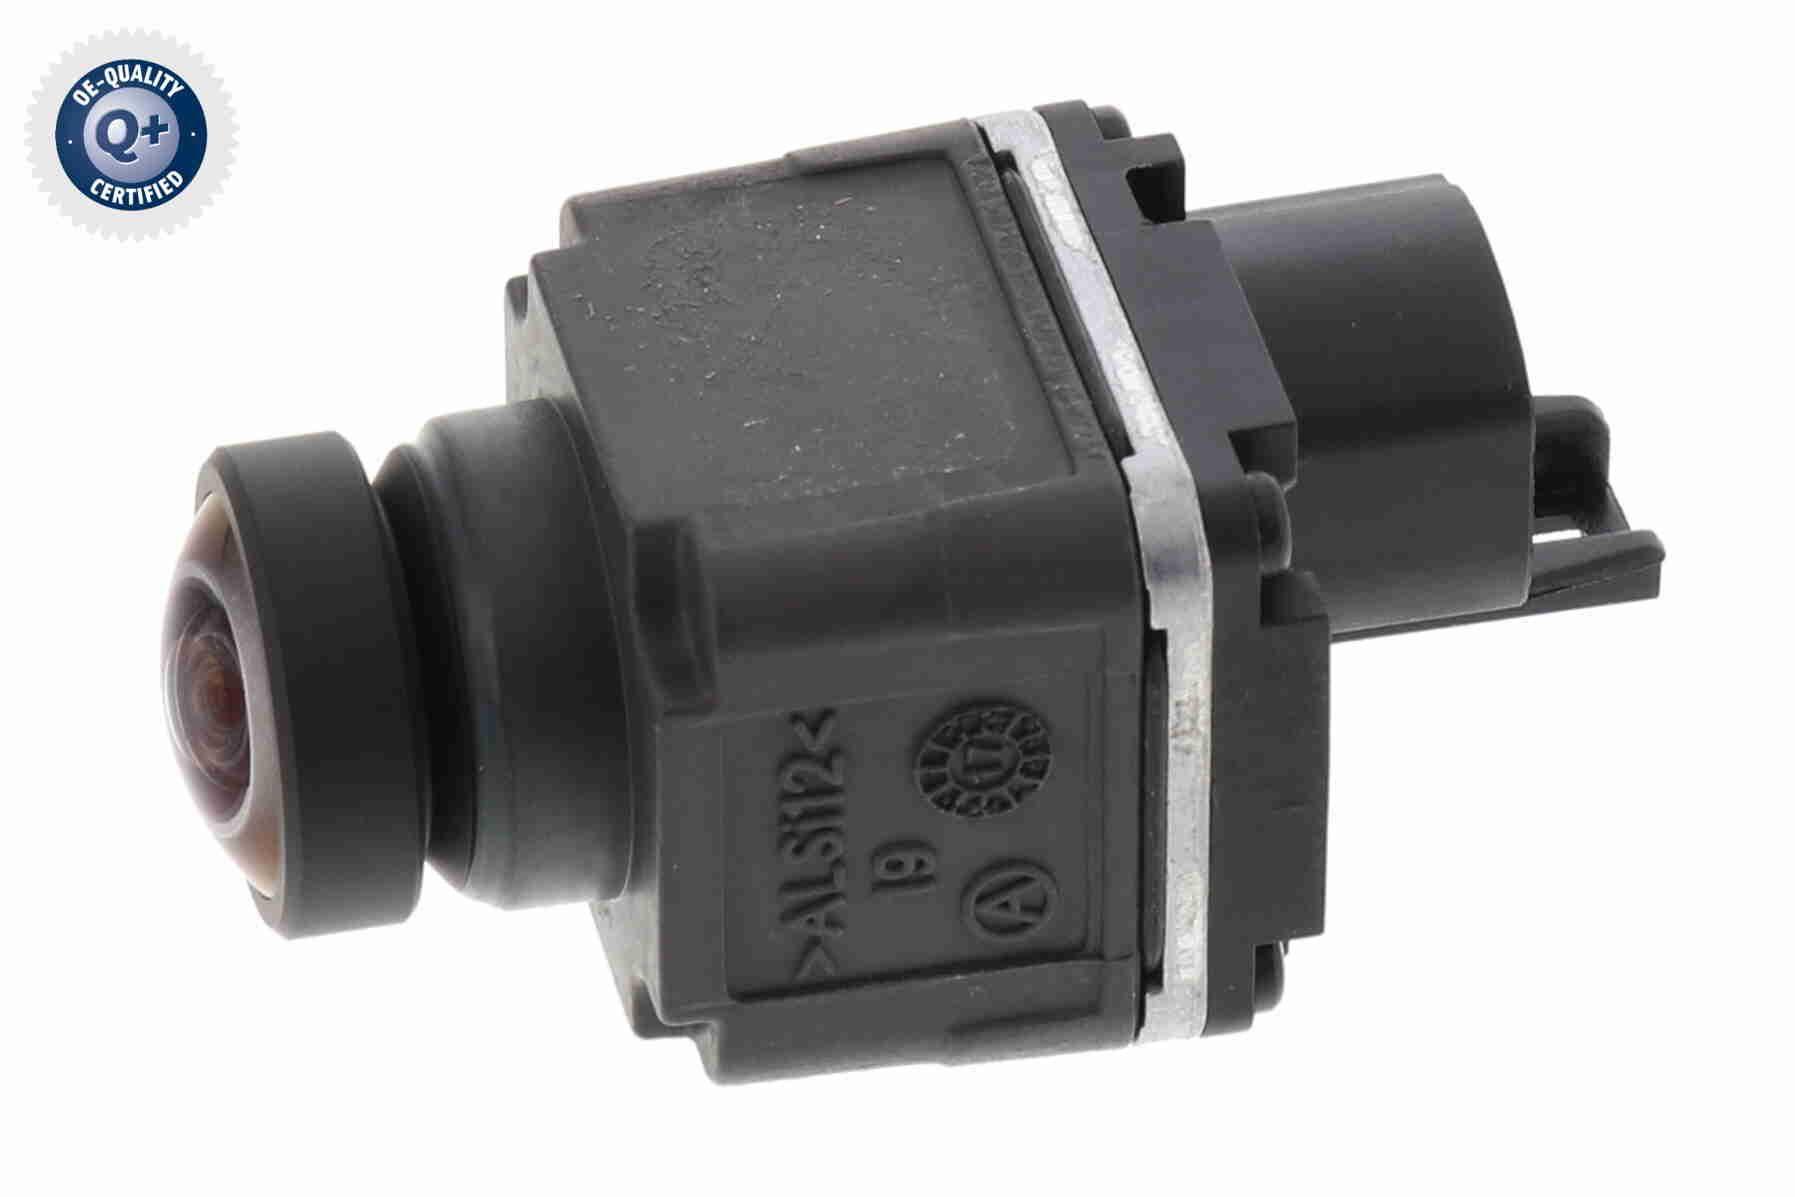 V15-74-0047 Bakkamera på begge sider fra VEMO til lave priser - køb nu!